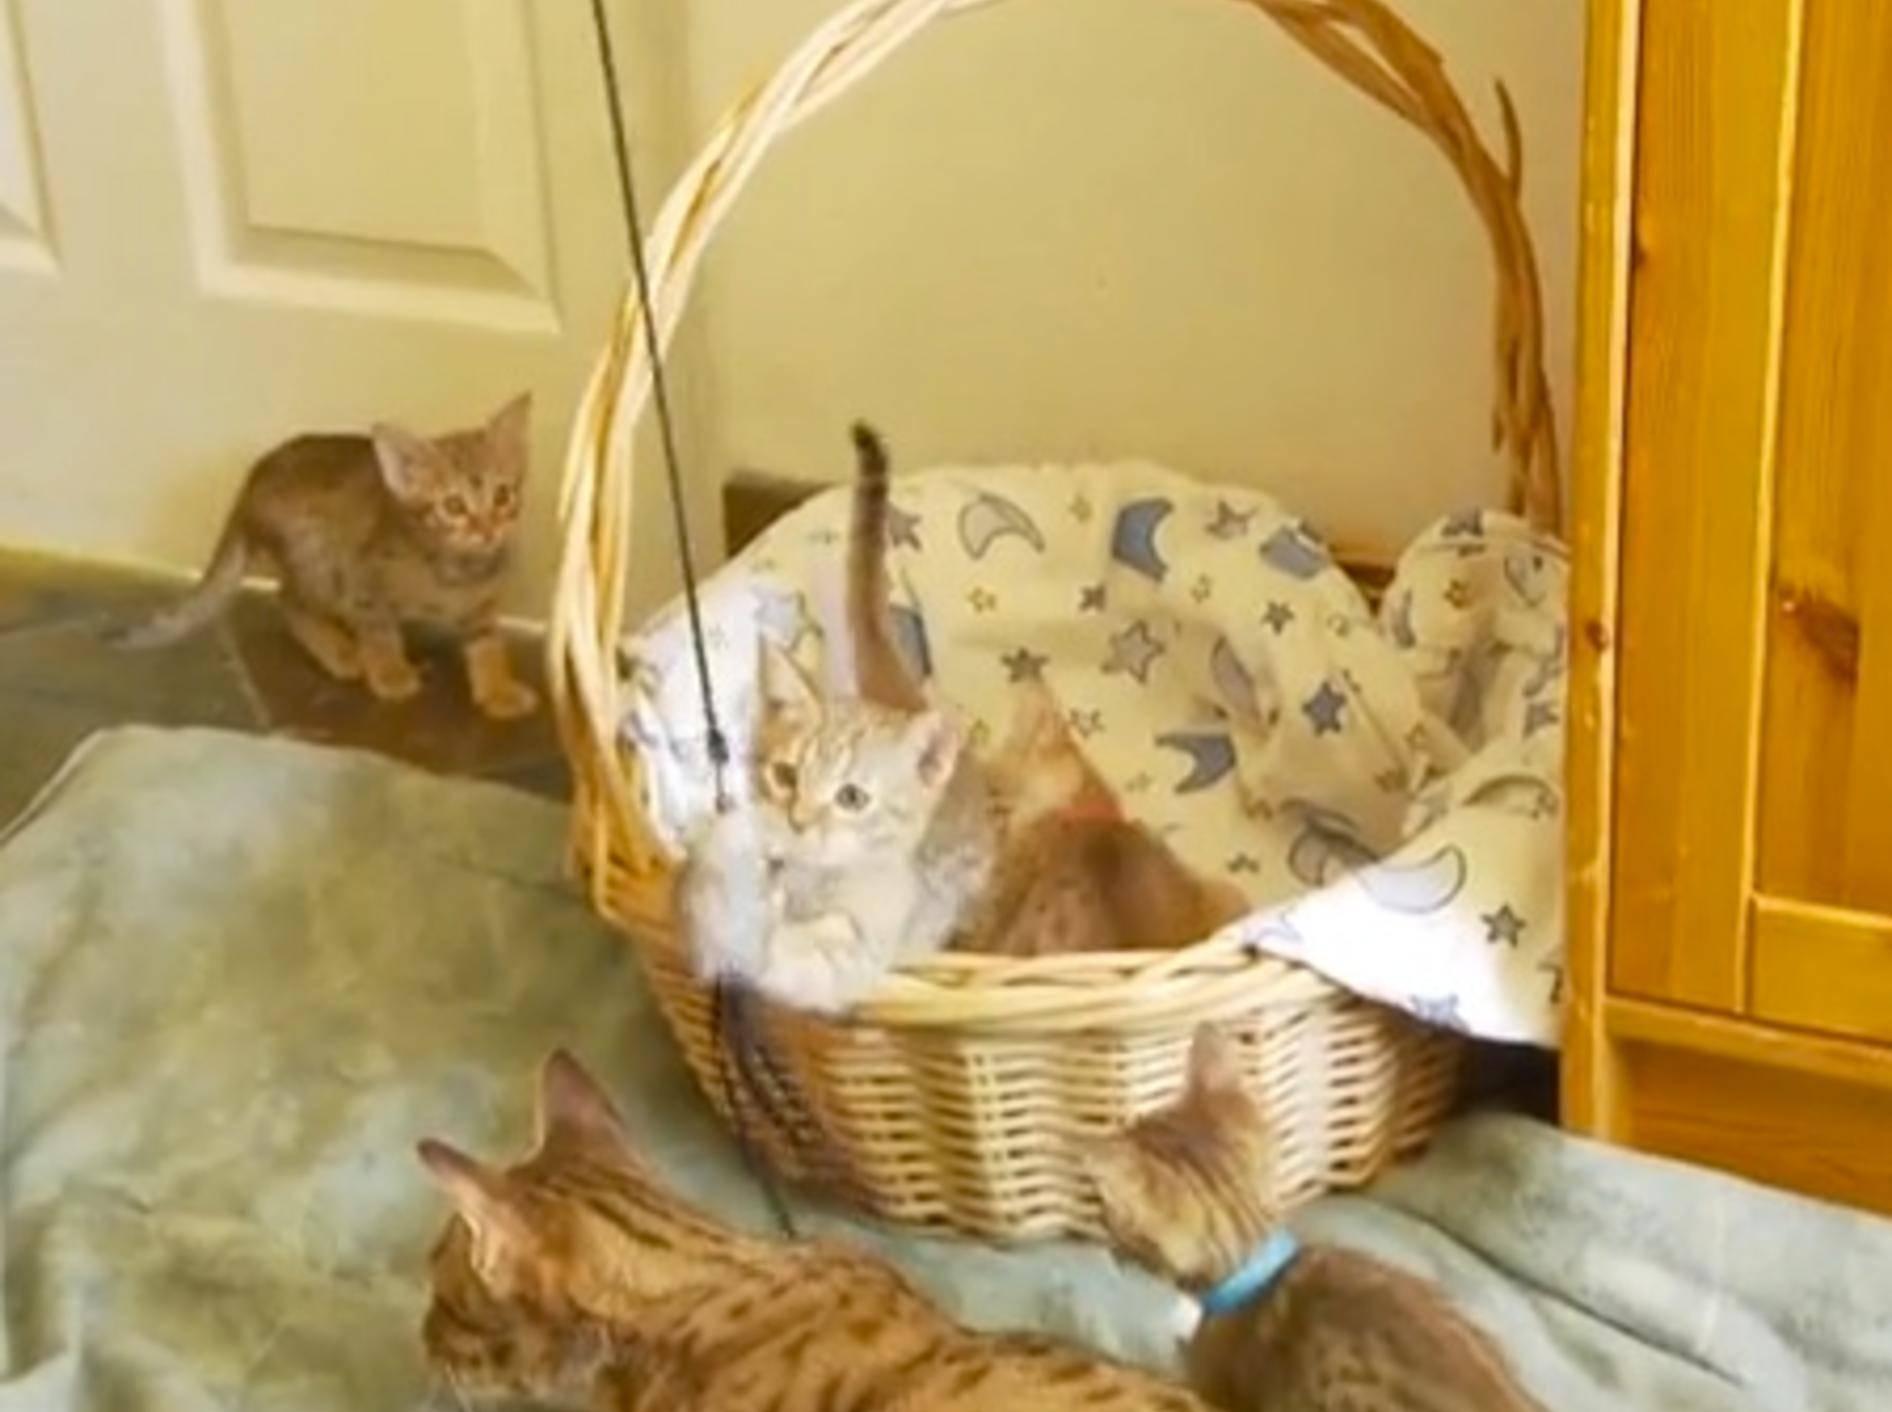 Ocicat Katzenbabys lieben ihr neues Spielzeug – Bild: Youtube / The Pet Collective